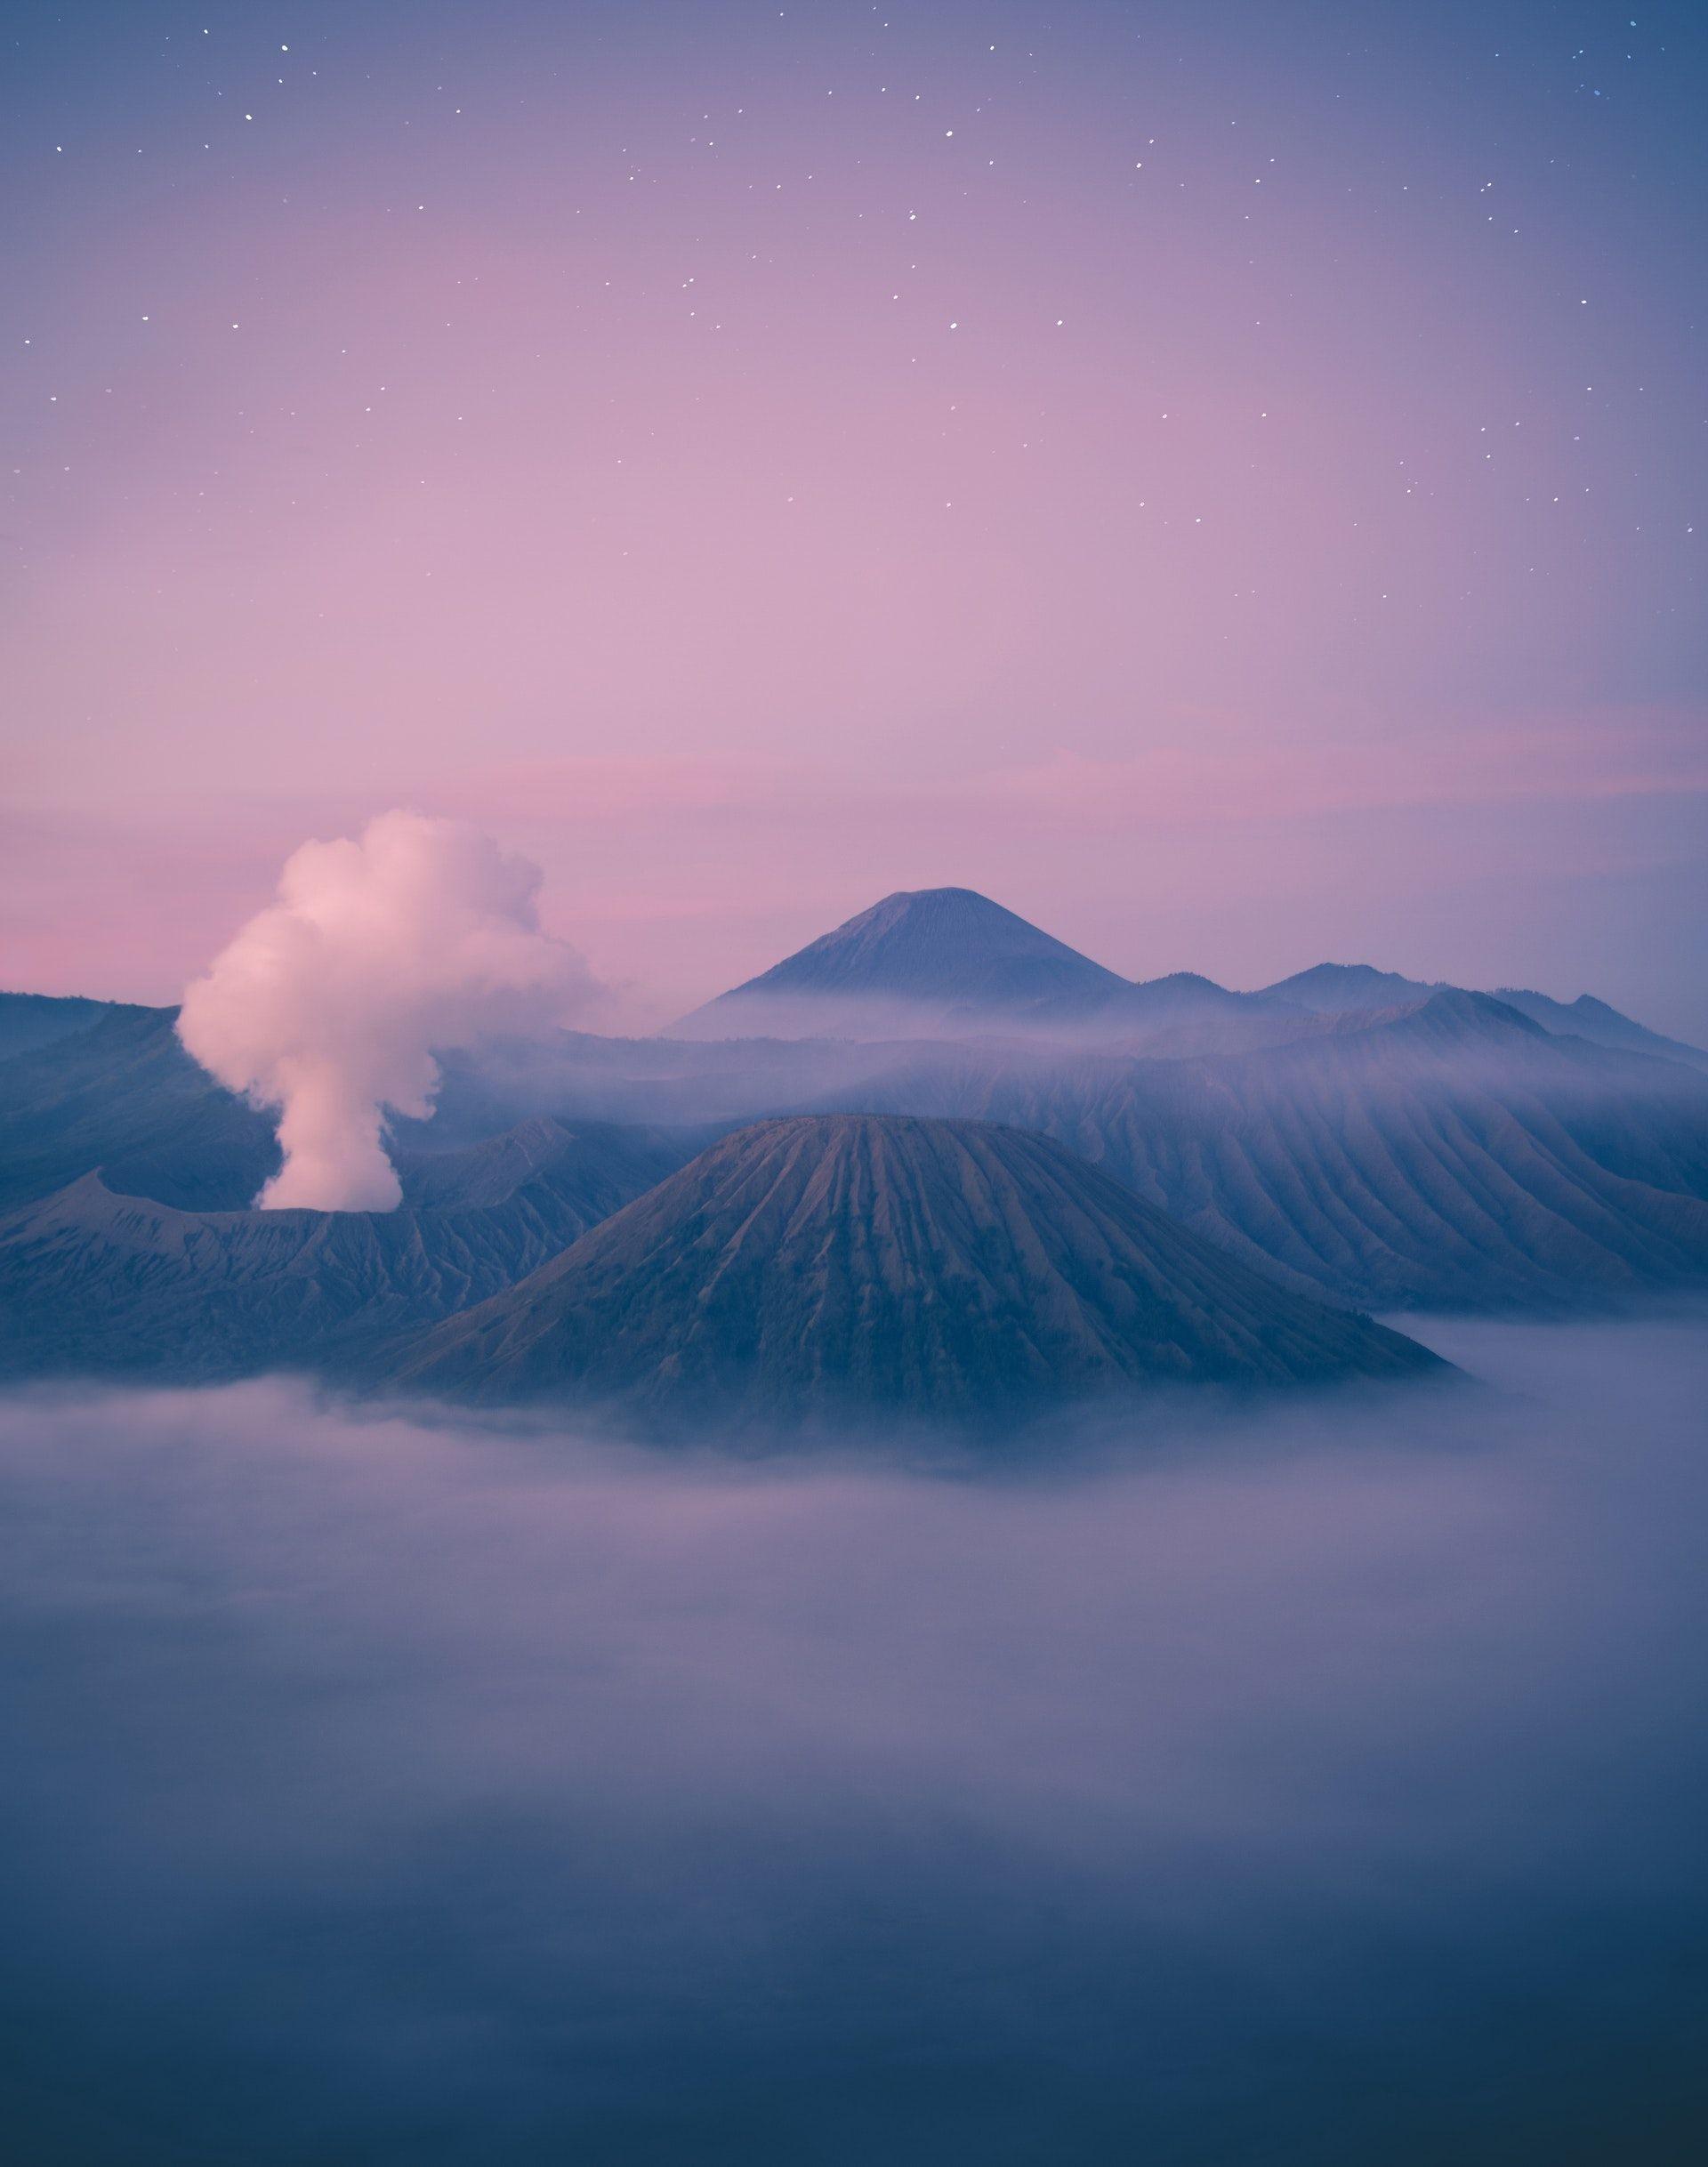 عکس زمینه کوه های آتشفشان پس زمینه